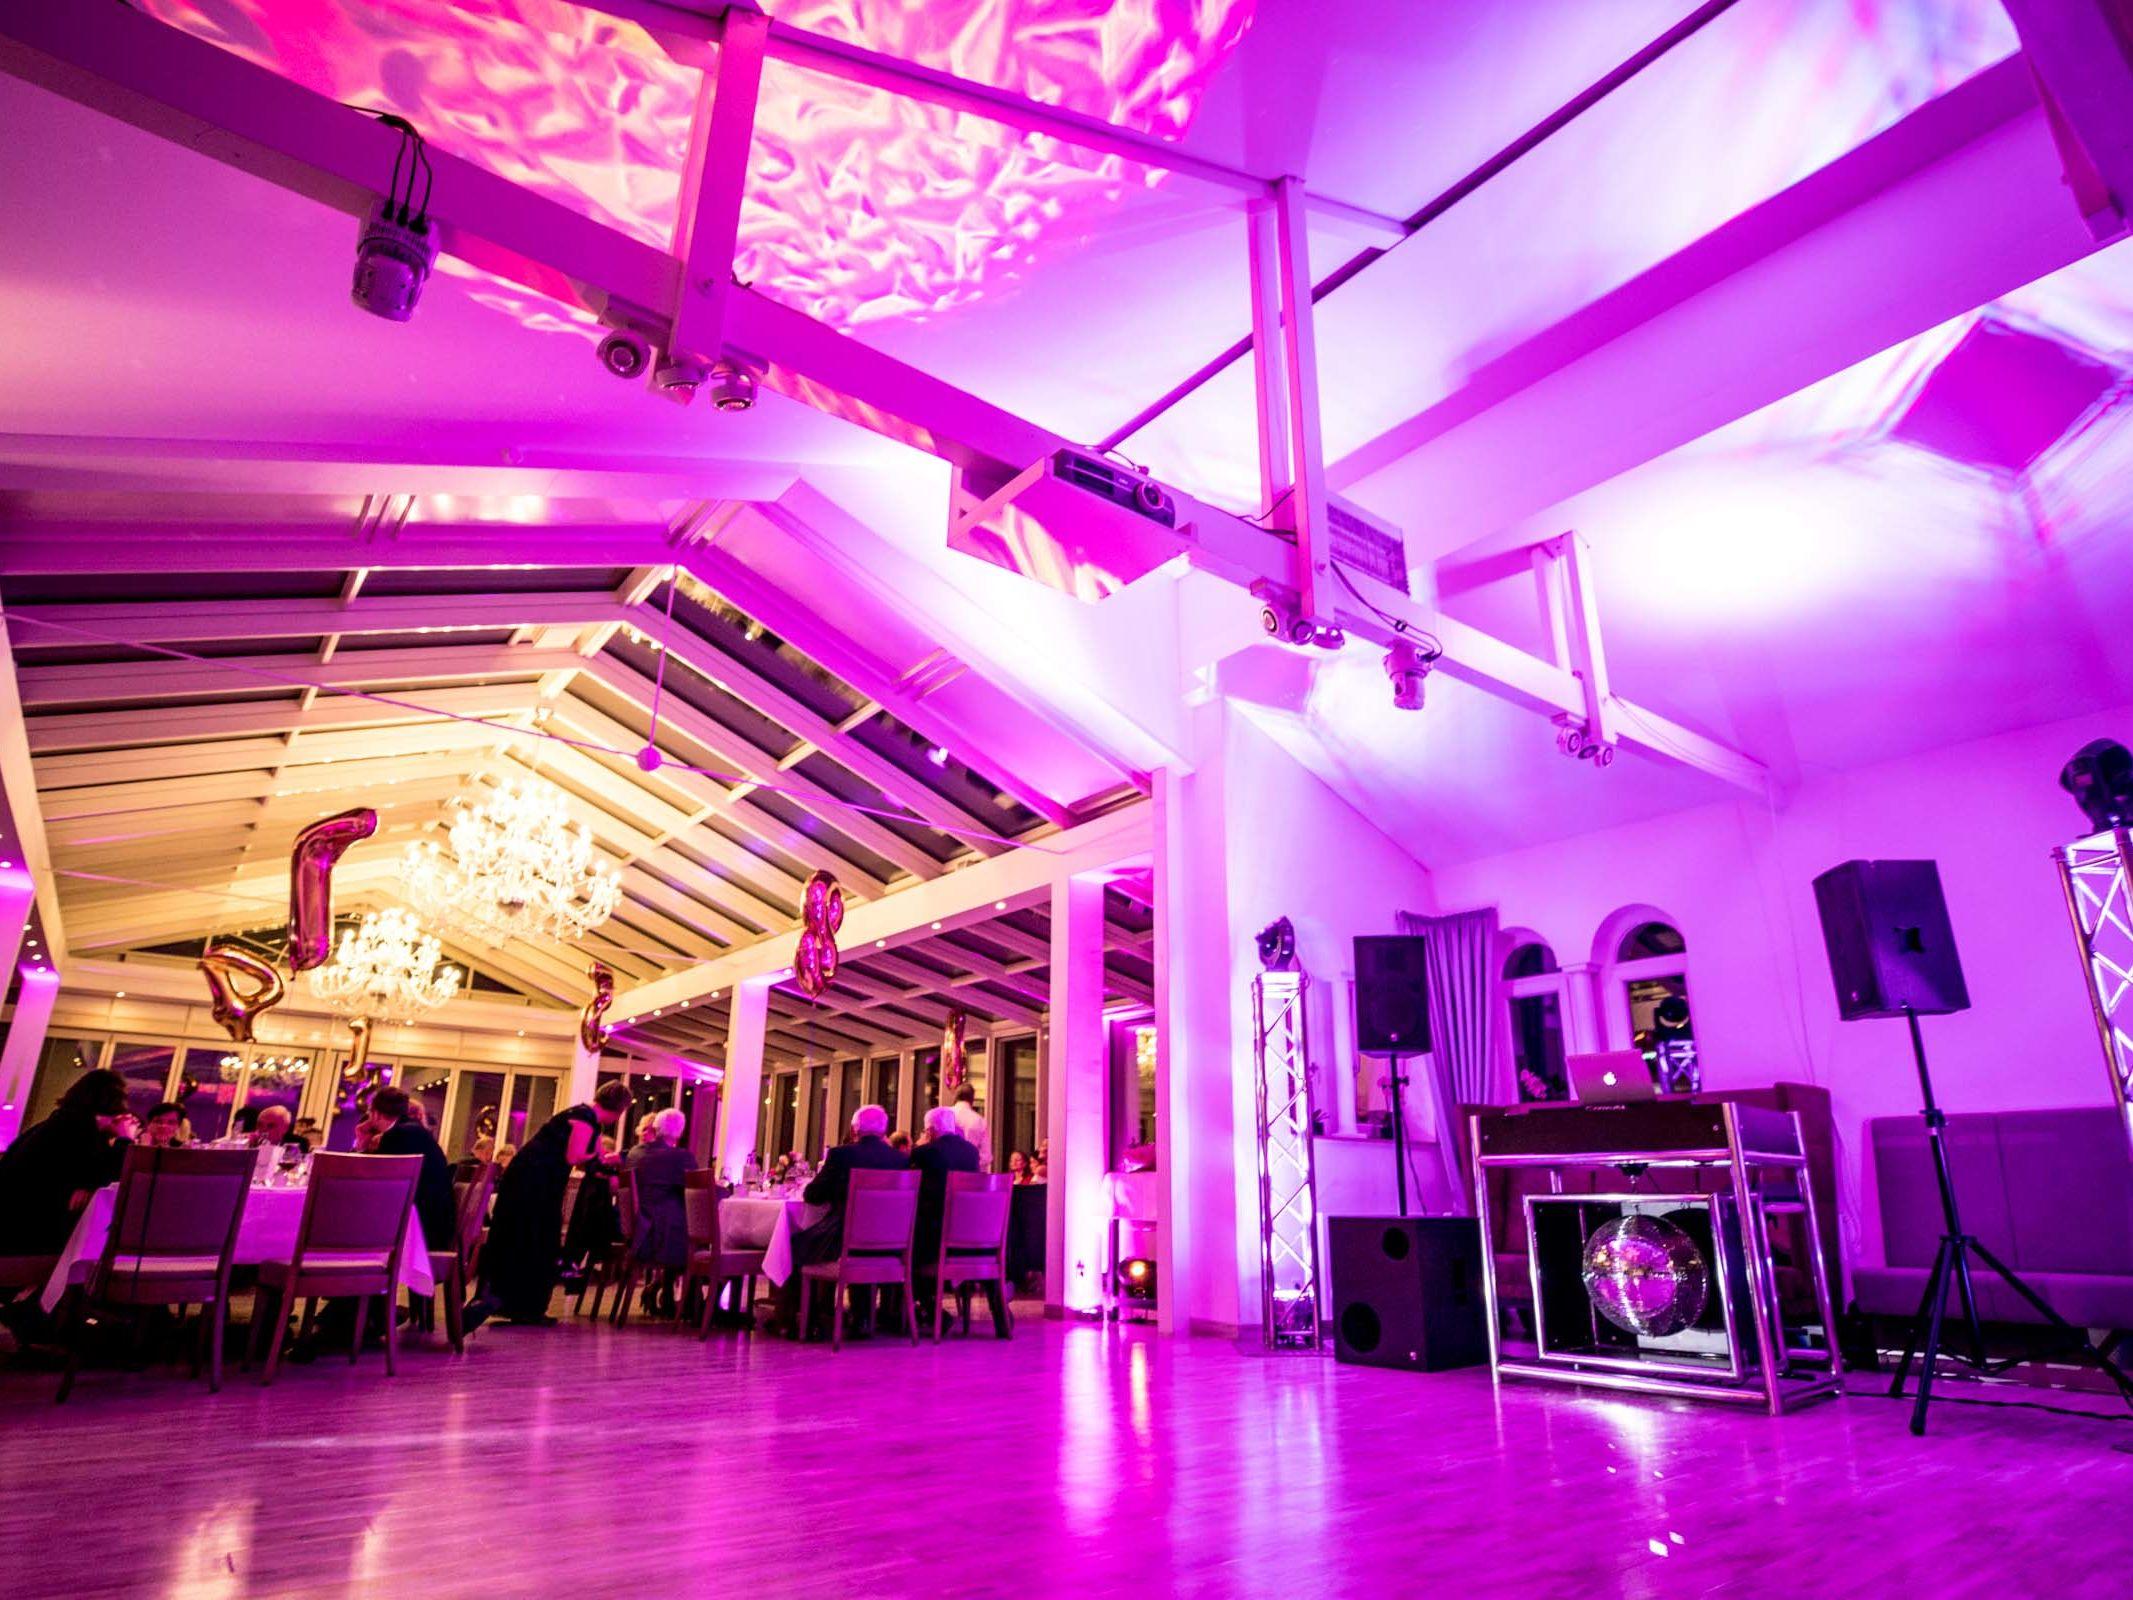 Lehmann   Eventservice   Location   Hannover   Steinhuder   Meer   DJ   Lichttechnik   Beleuchtung   Strandterrassen   Steinhude